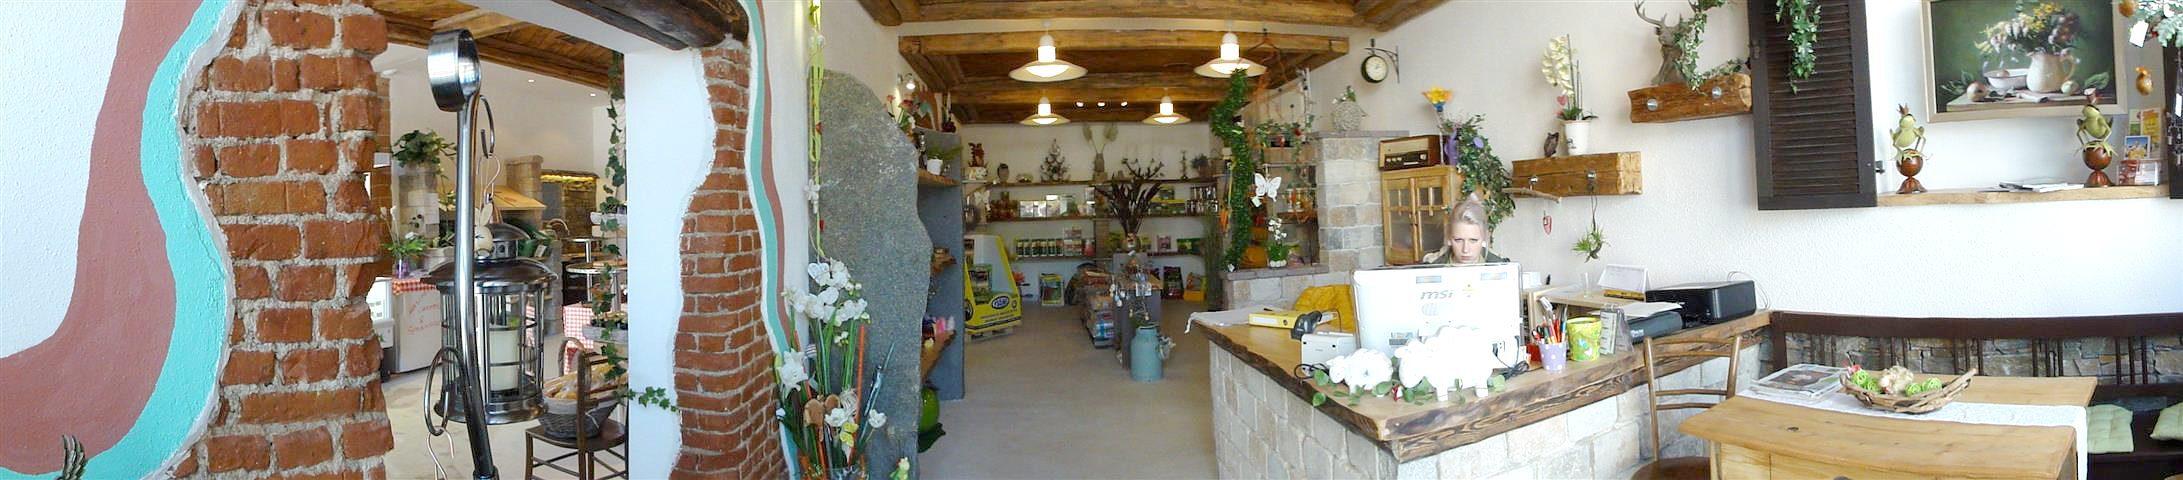 eilmsteiner und egos gmbh marktladen w rme und energieversorgung landschaftskultur. Black Bedroom Furniture Sets. Home Design Ideas